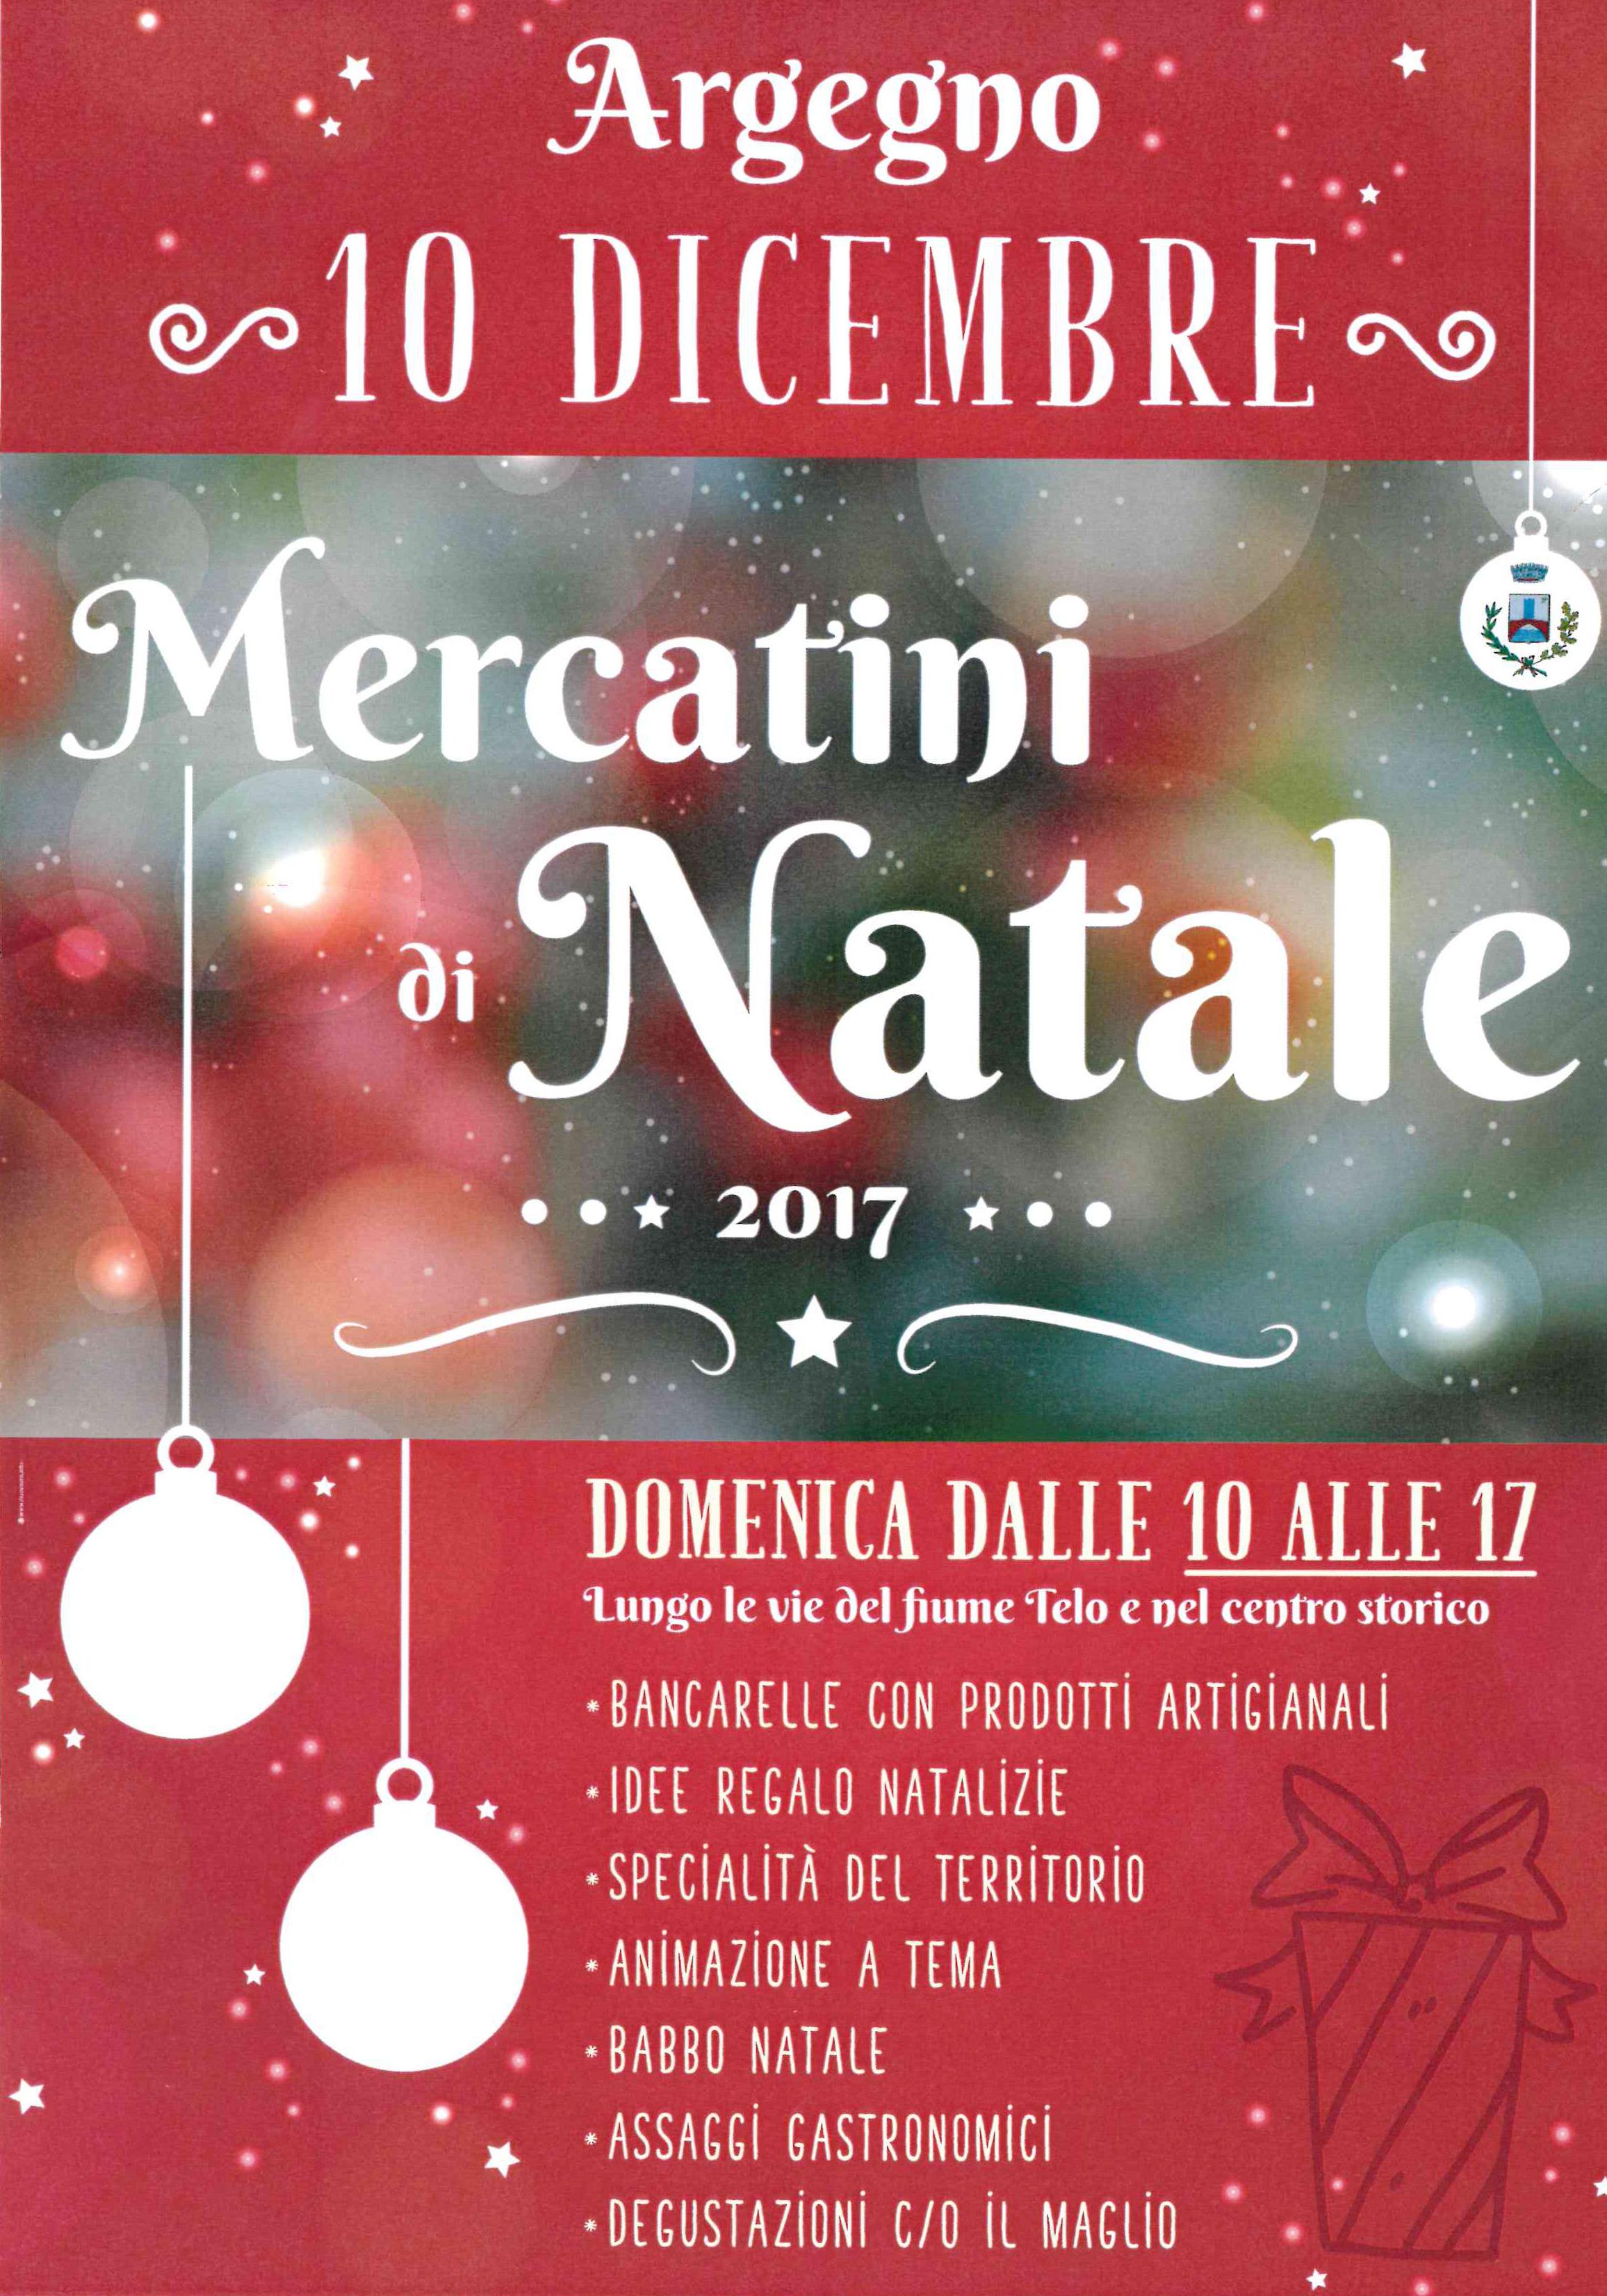 Mercatini di natale ad argegno 10 dicembre 2017 for Mercatini di natale milano 2017